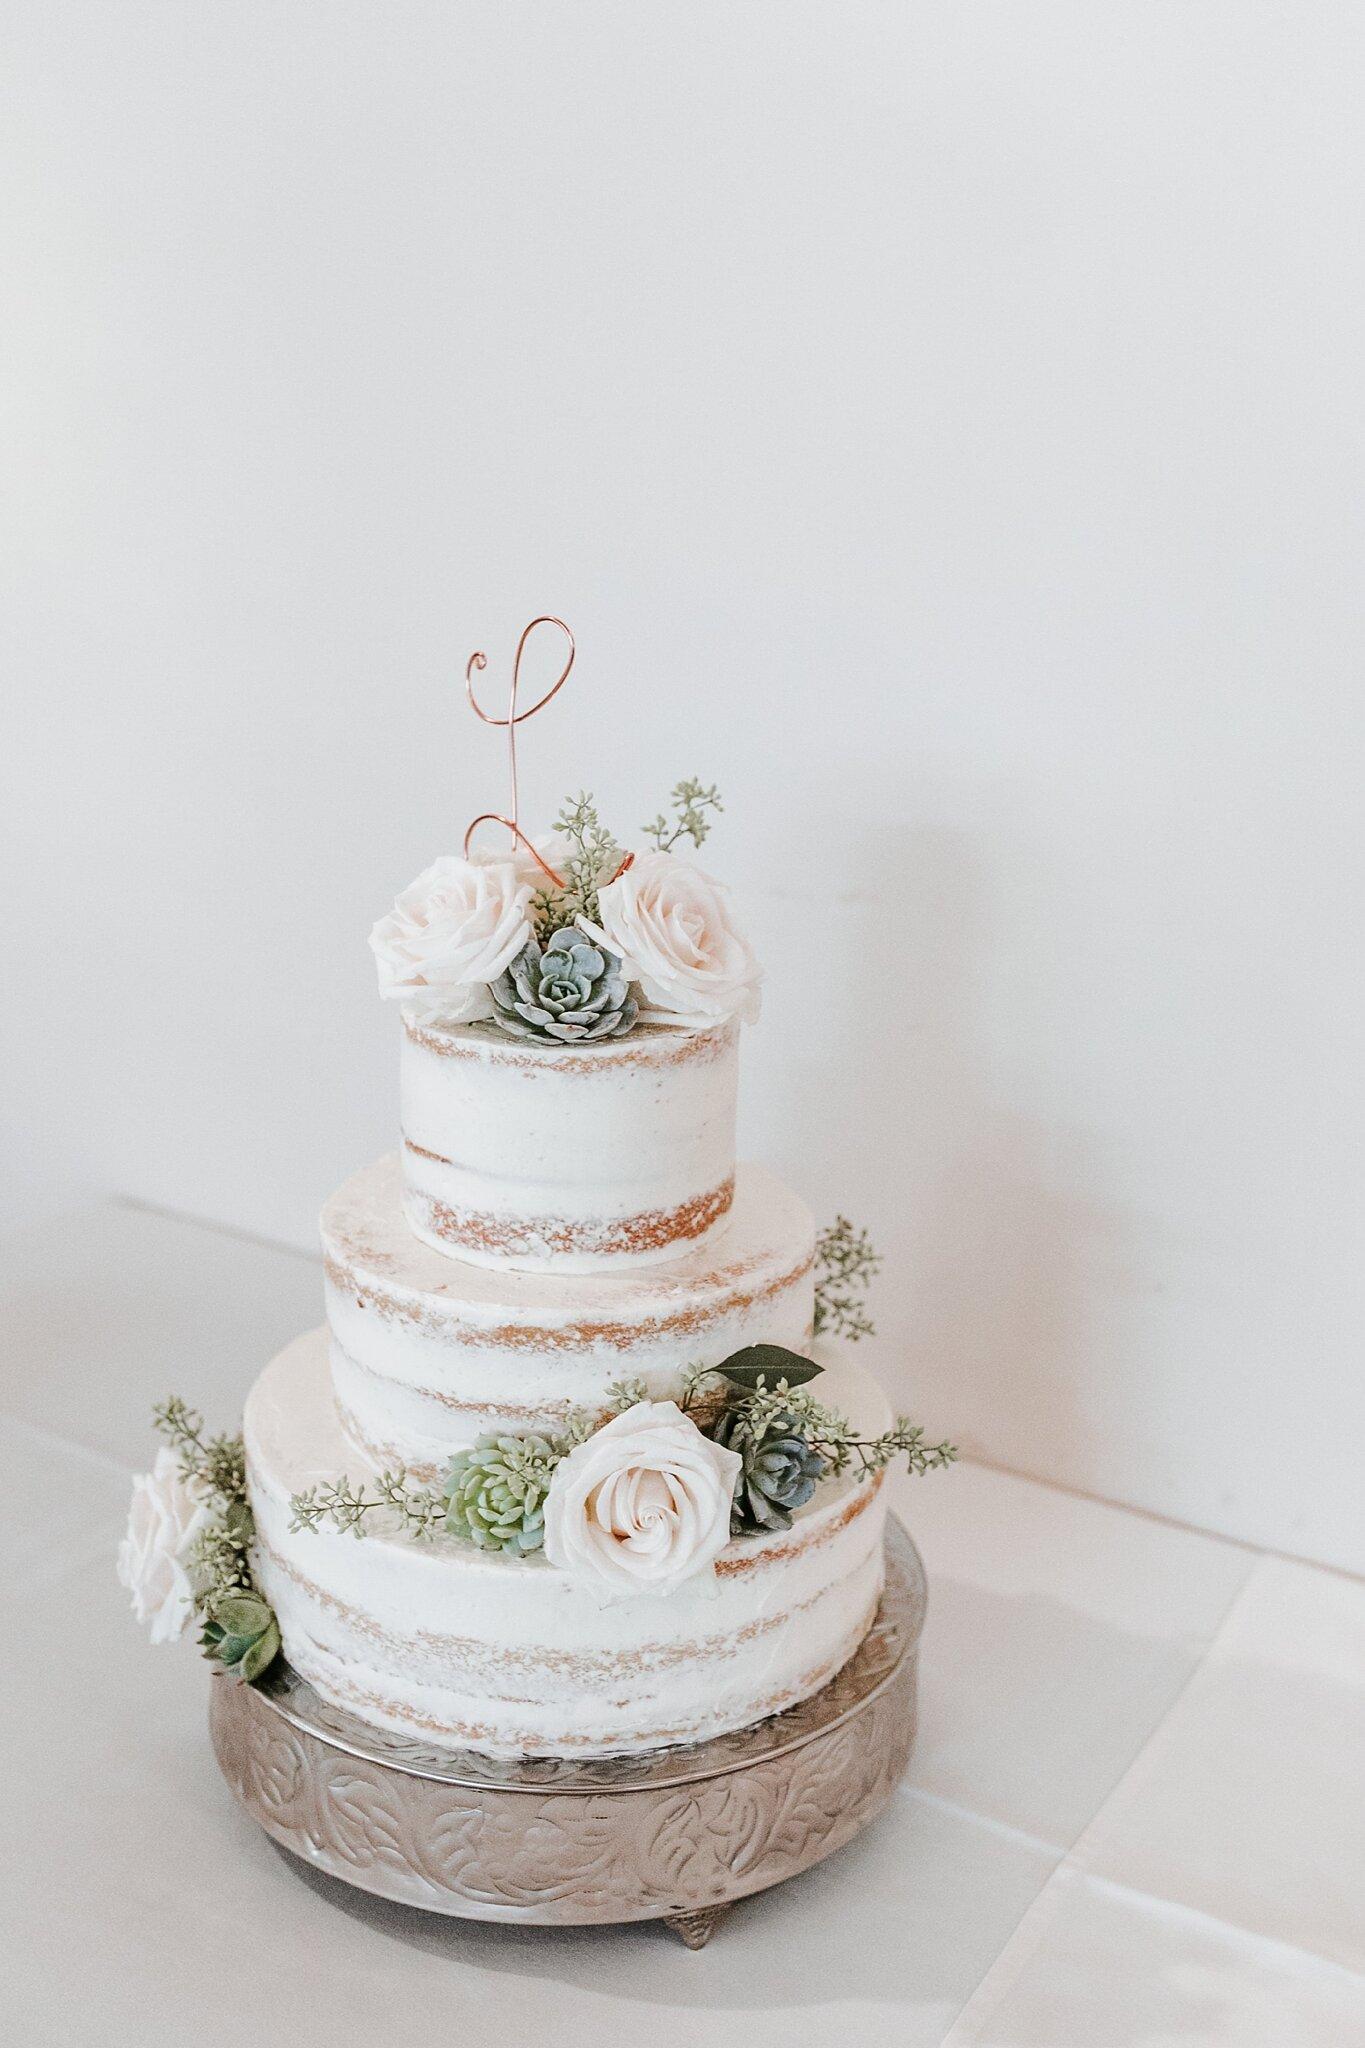 Alicia+lucia+photography+-+albuquerque+wedding+photographer+-+santa+fe+wedding+photography+-+new+mexico+wedding+photographer+-+new+mexico+wedding+-+wedding+-+wedding+cakes+-+flroal+cake+-+santa+fe+cake+-+santa+fe+baker_0006.jpg